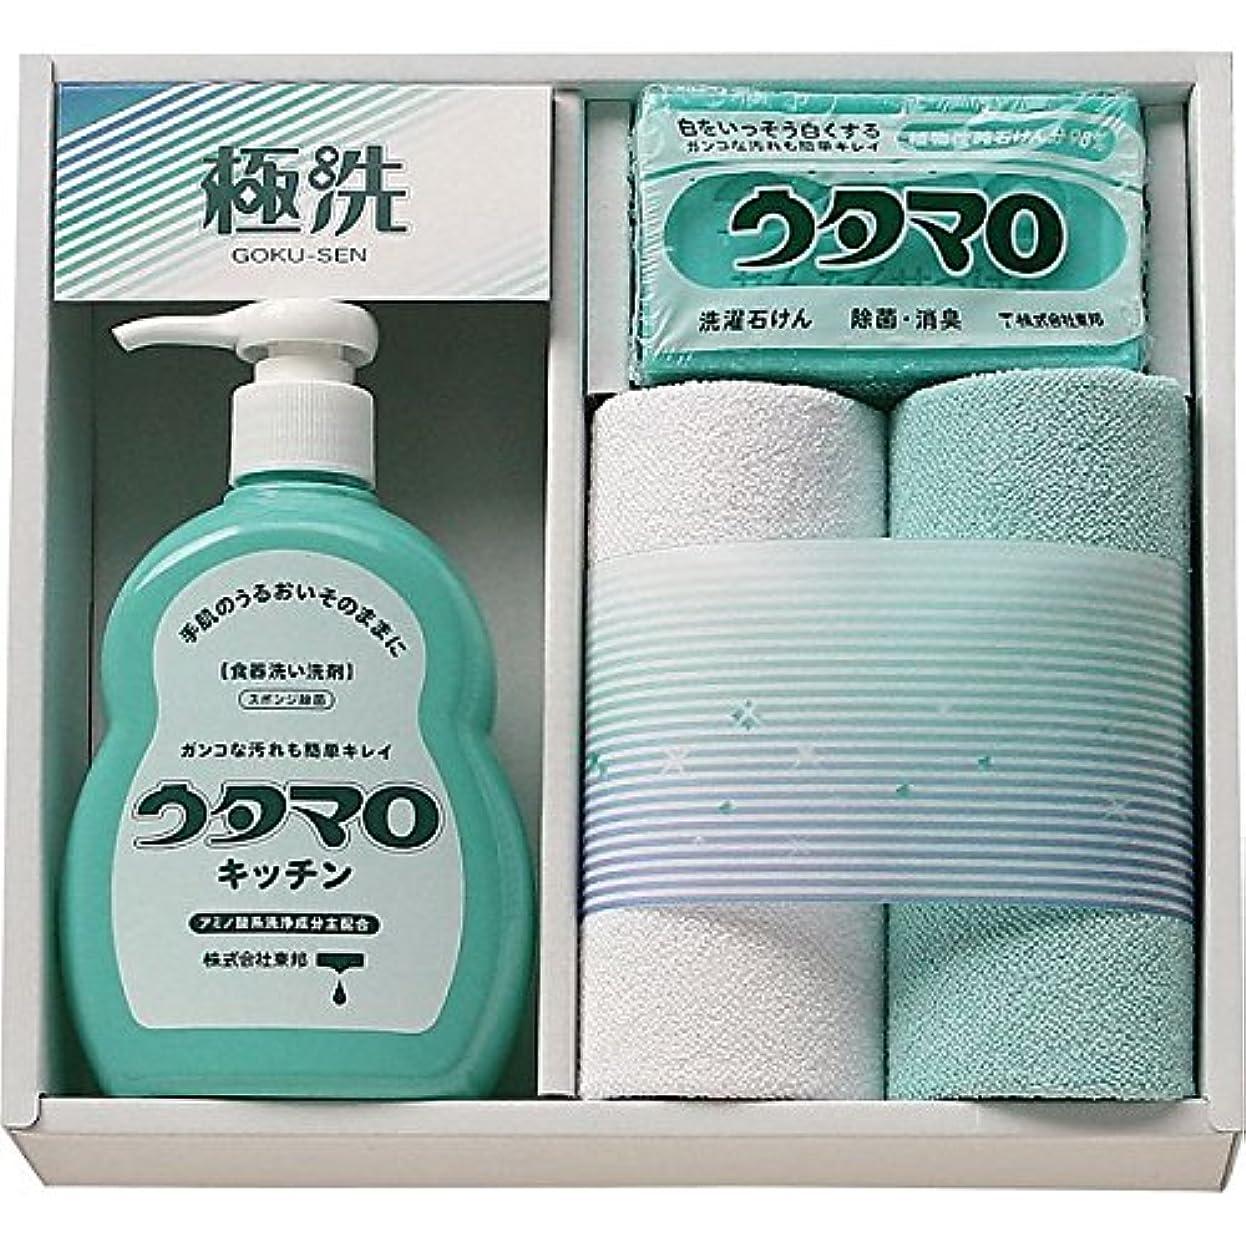 回路エジプト悲惨( ウタマロ ) 石鹸?キッチン洗剤ギフト ( 835-1054r )